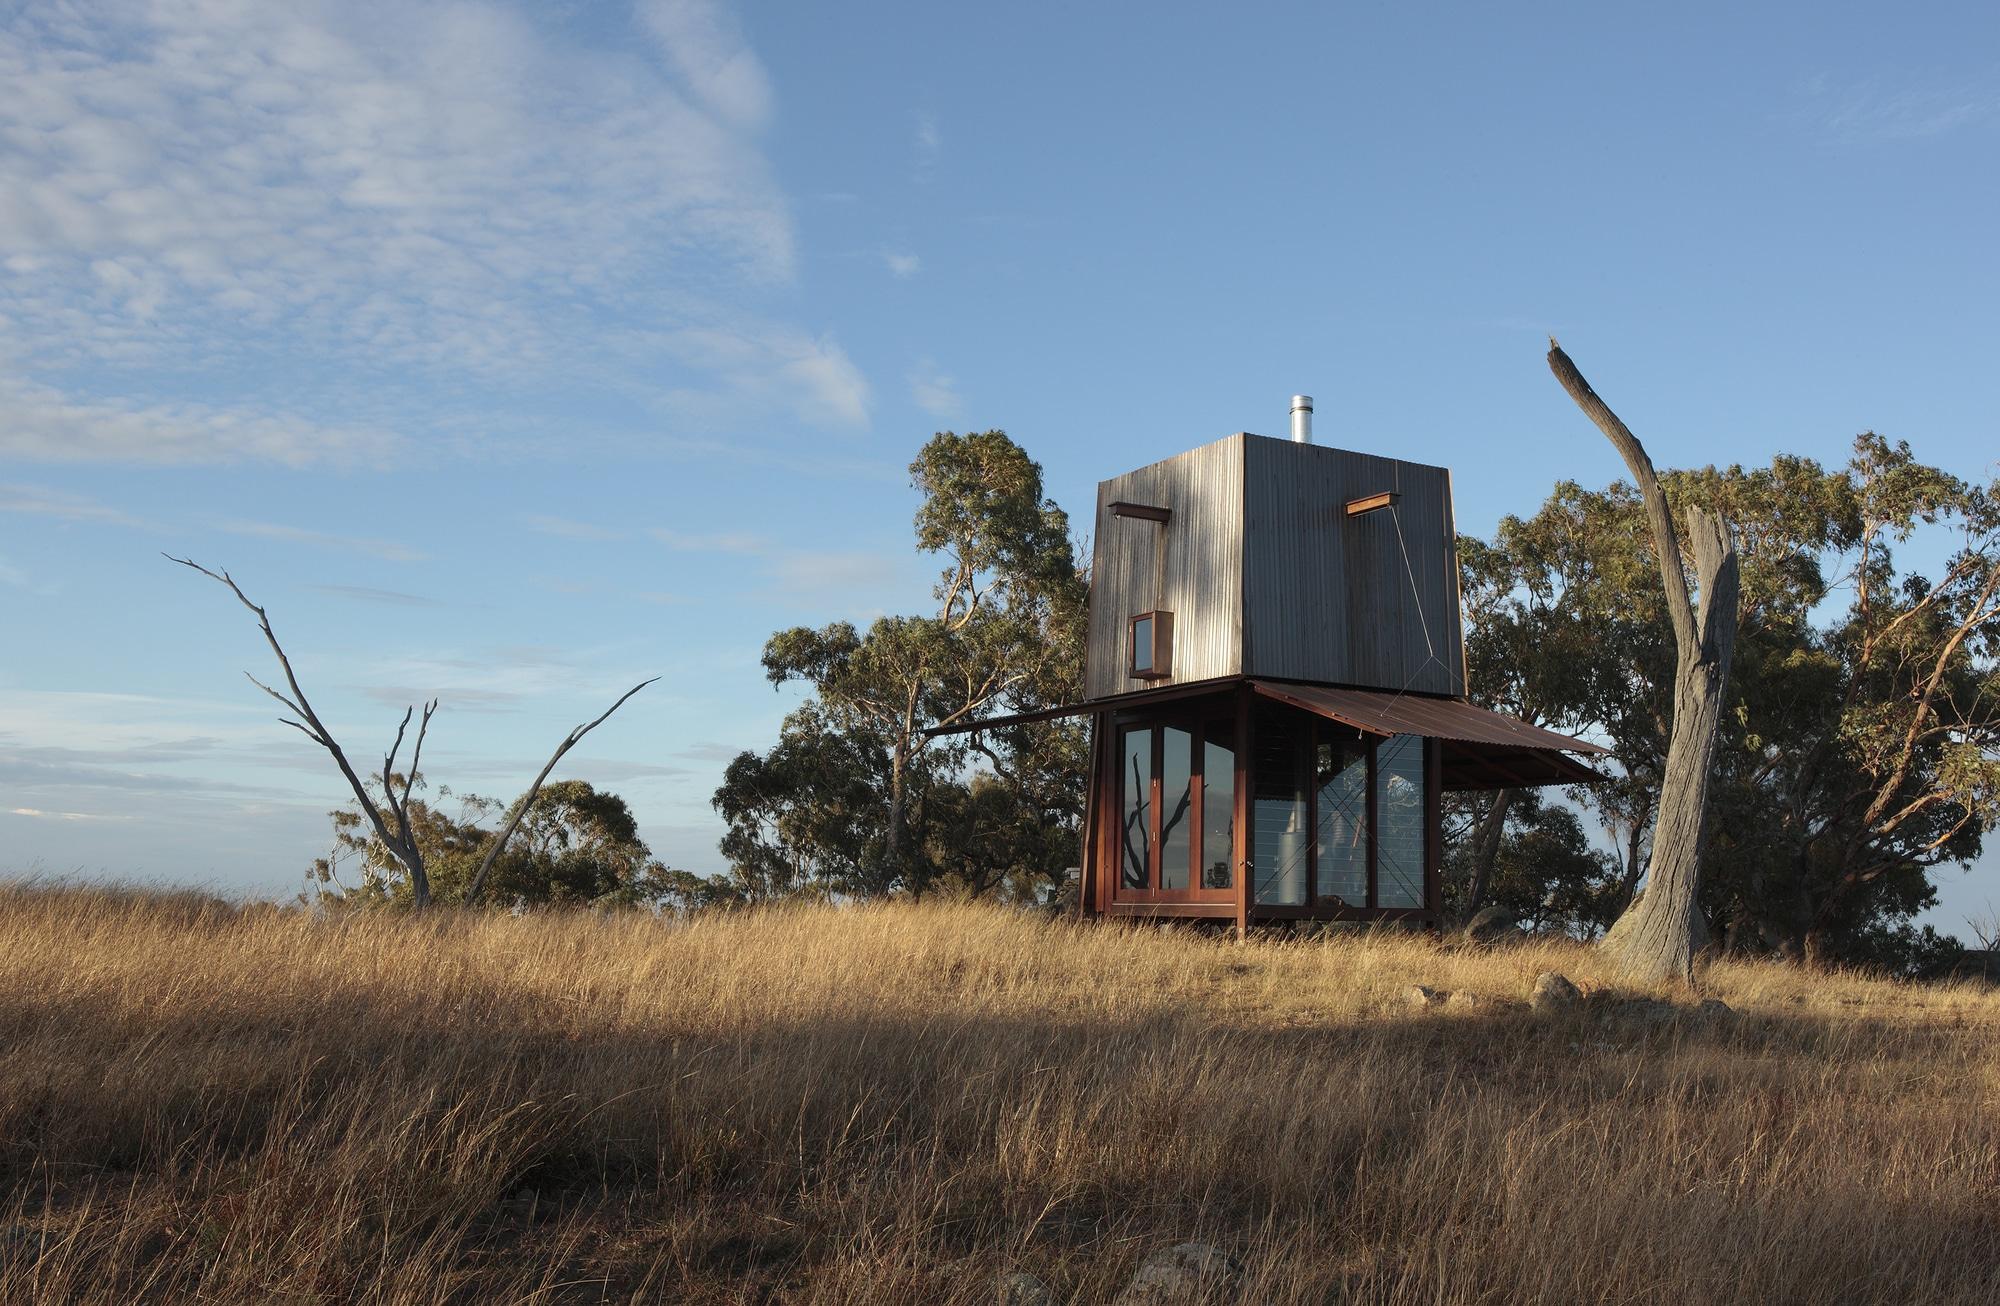 Dise o de casa peque a de campo interiores y planos - Requisitos para montar una casa rural ...